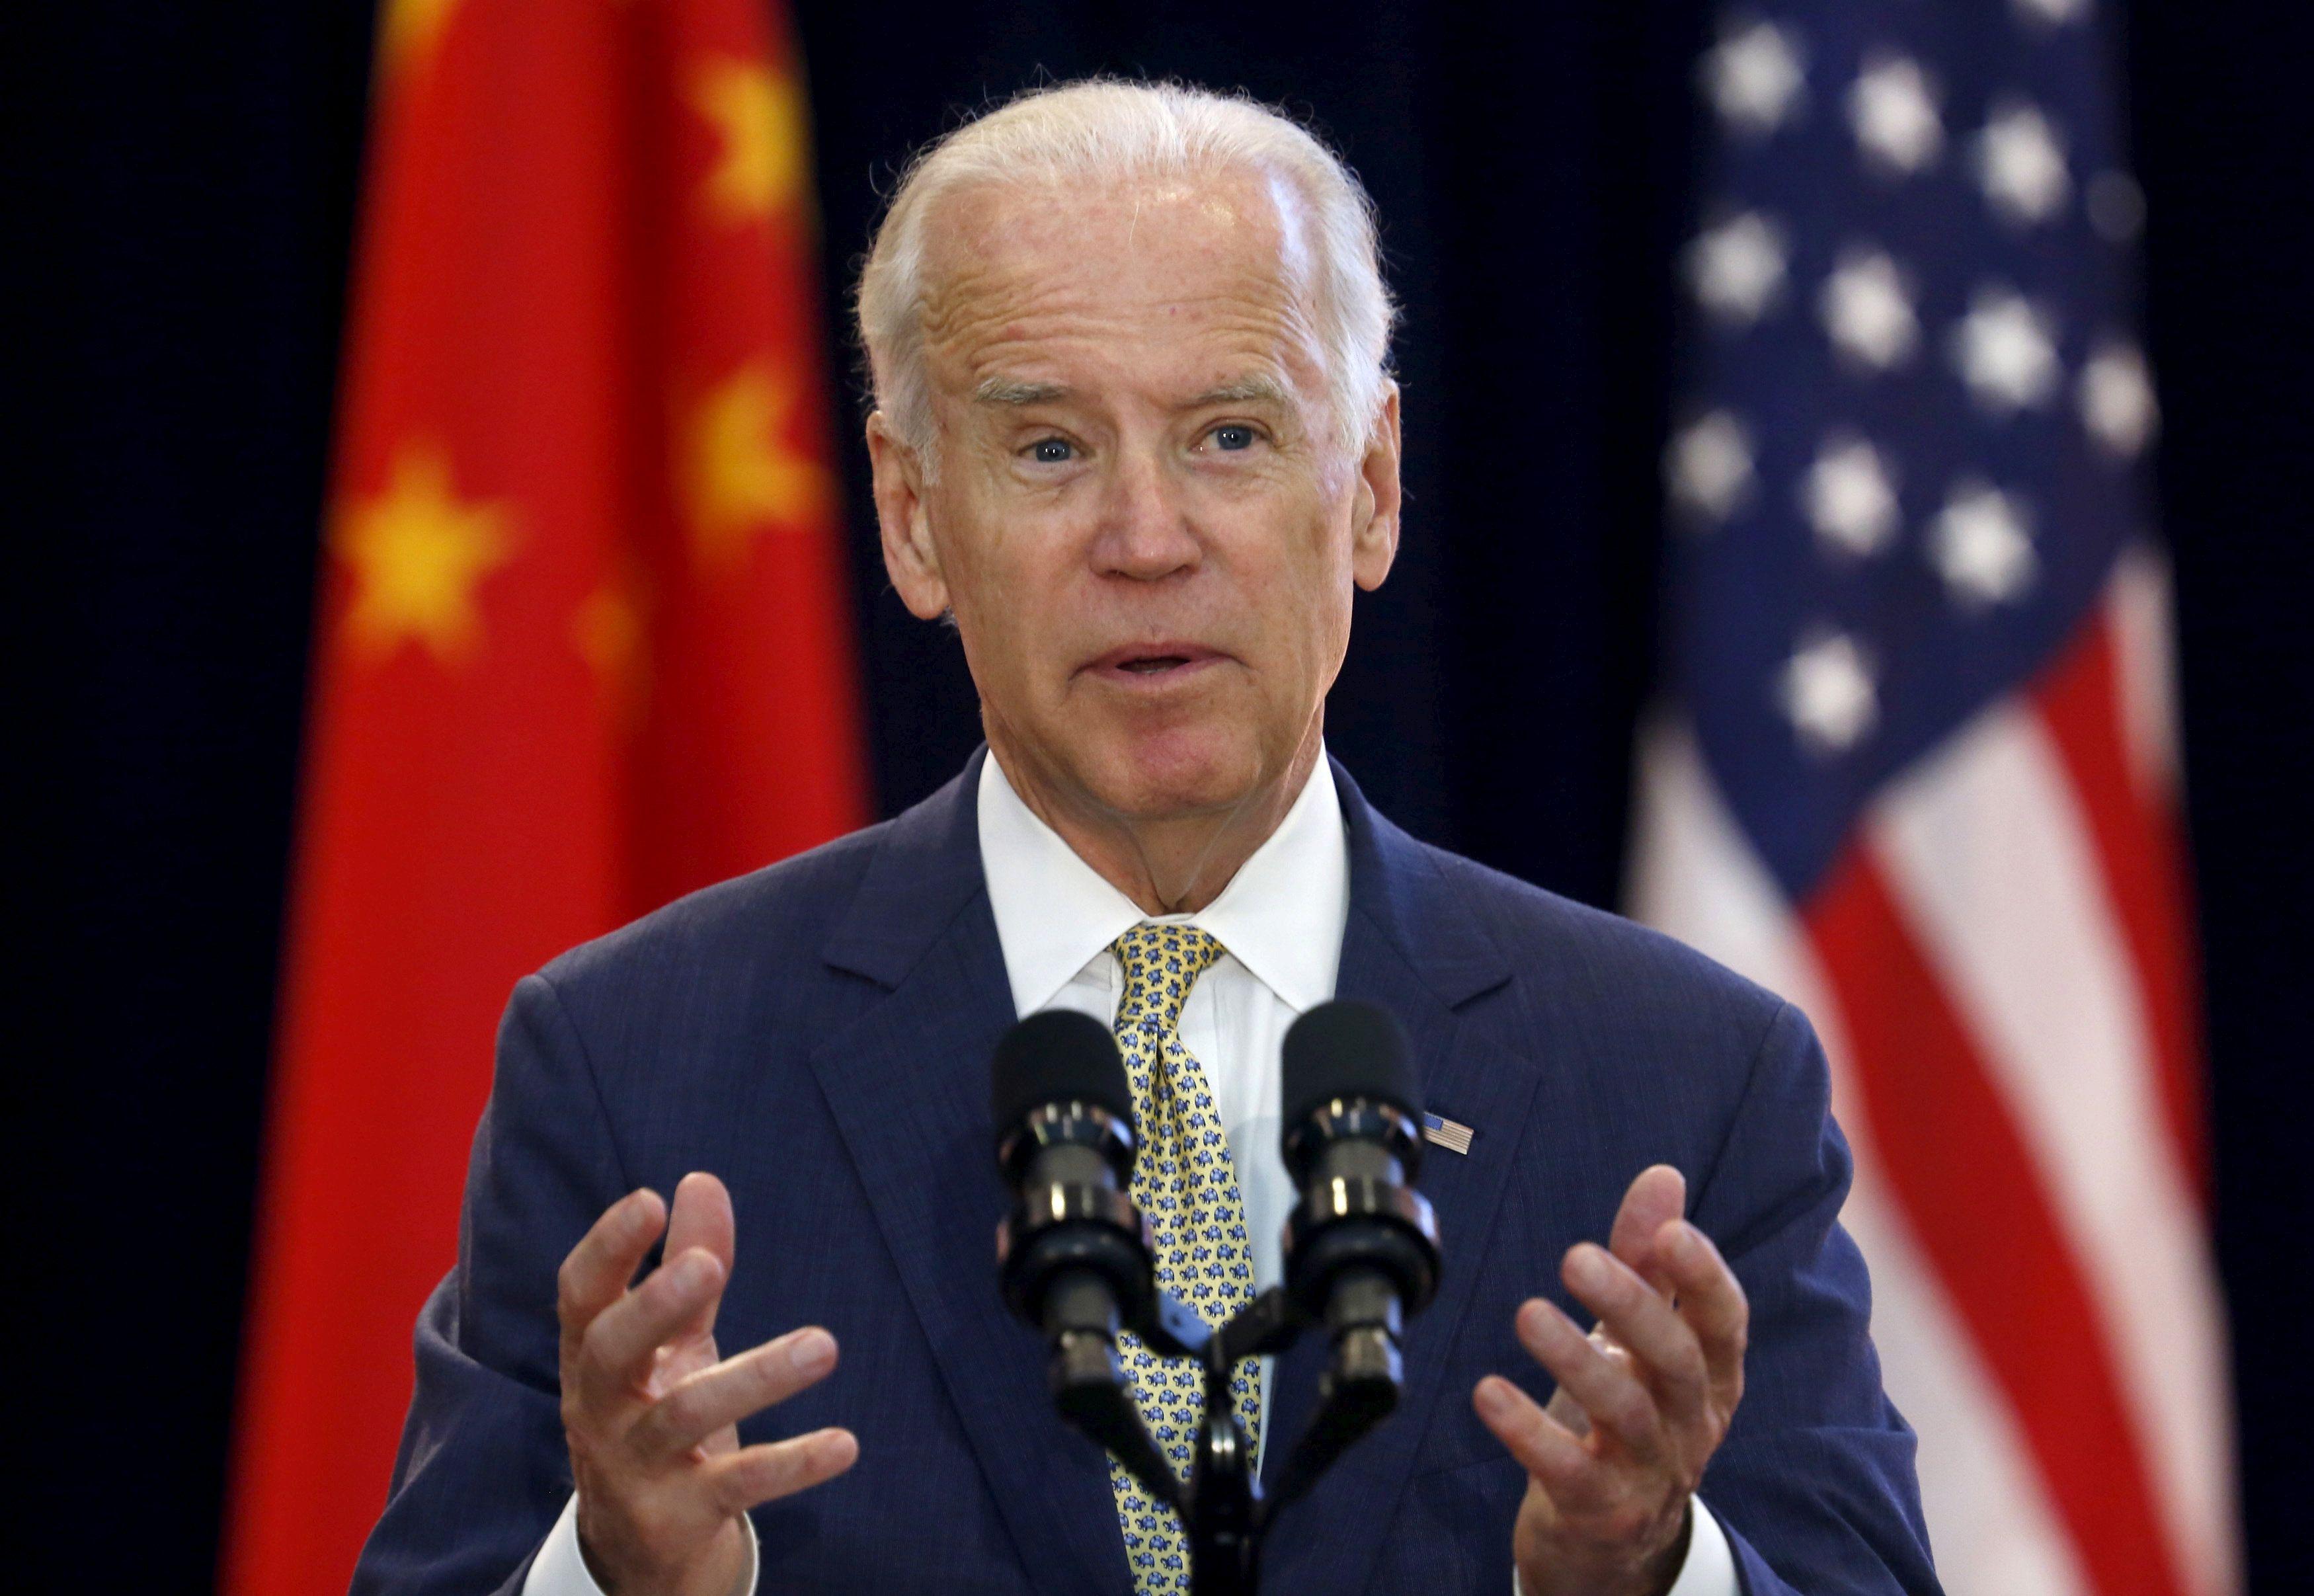 Biden goes to China